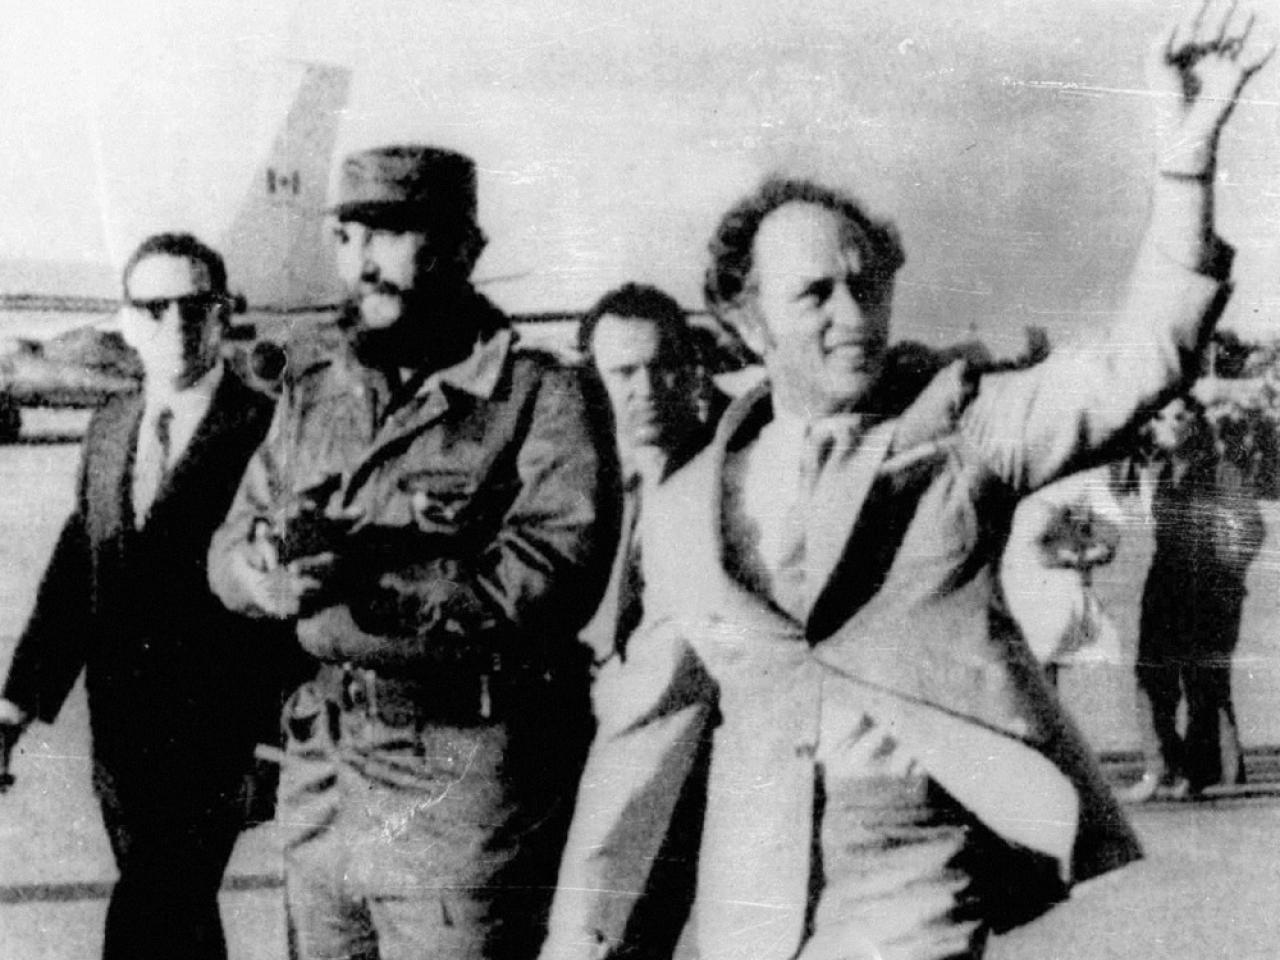 老杜魯多1976年曾訪問古巴,與卡斯特羅會晤。(美聯社資料圖片)